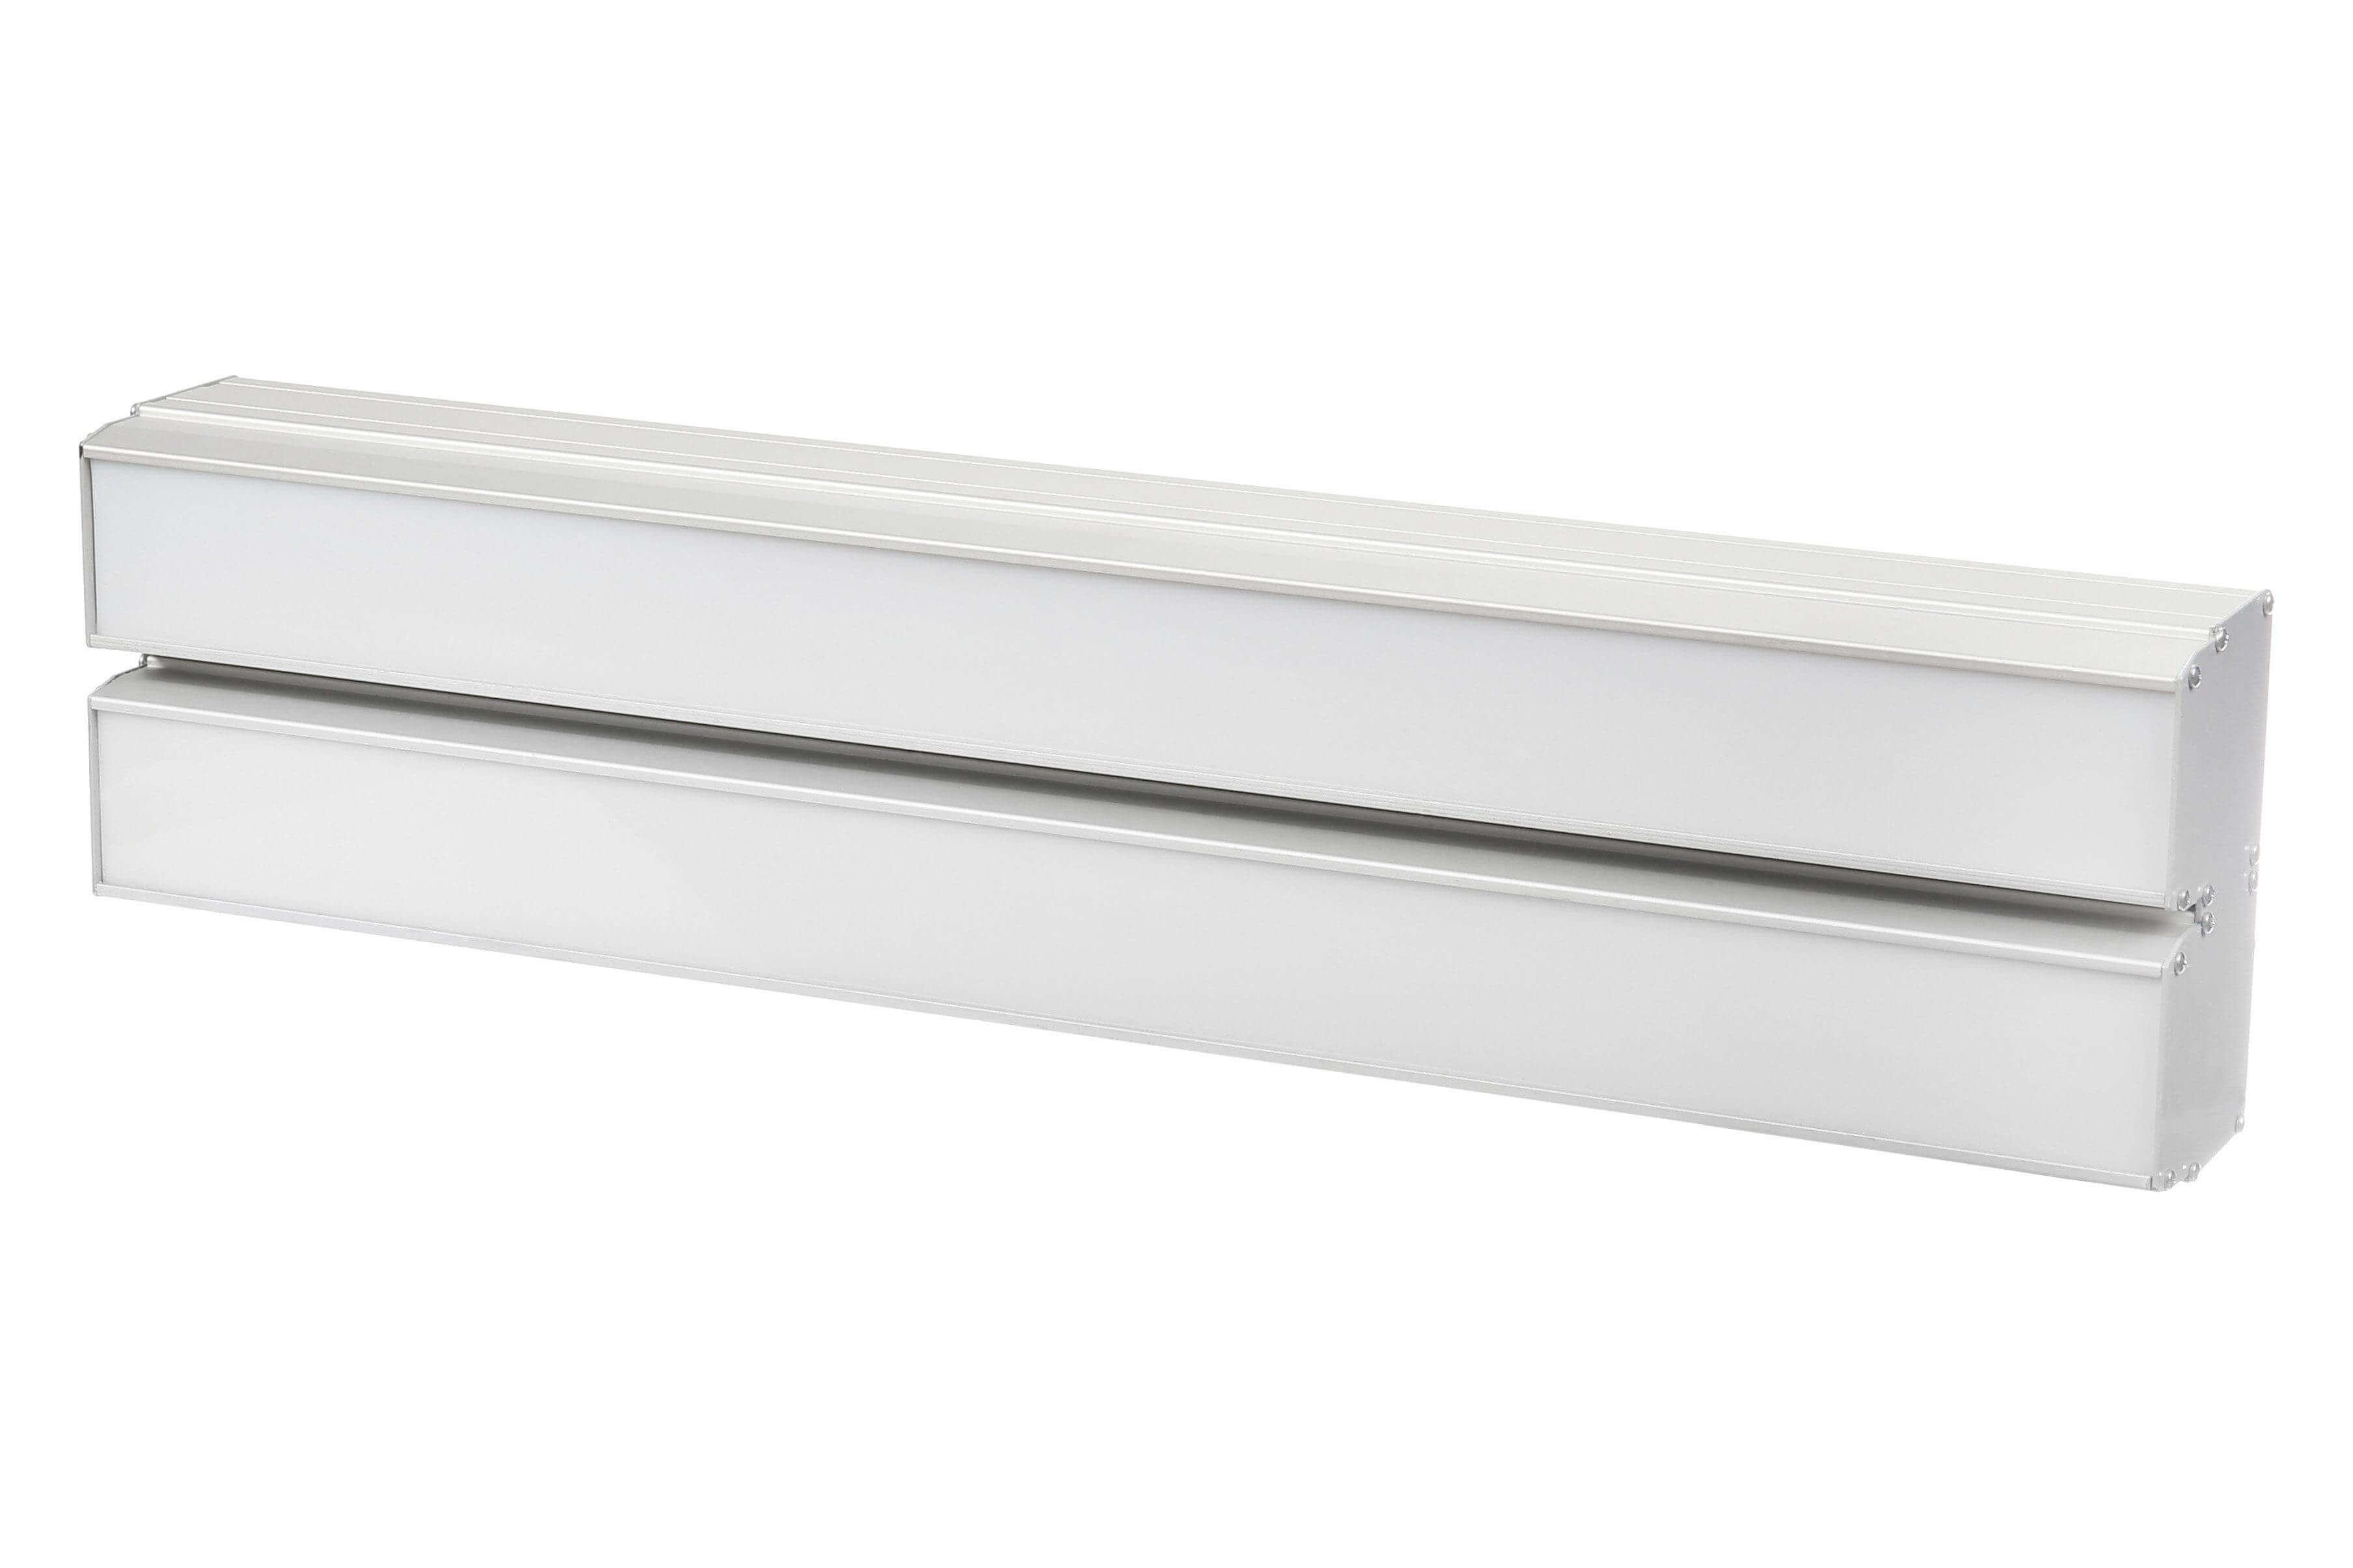 Светодиодный светильник LEDcraft LC-40-2PR2-OP-DW 40 Ватт IP20 (332 мм) Нейтральный Опал